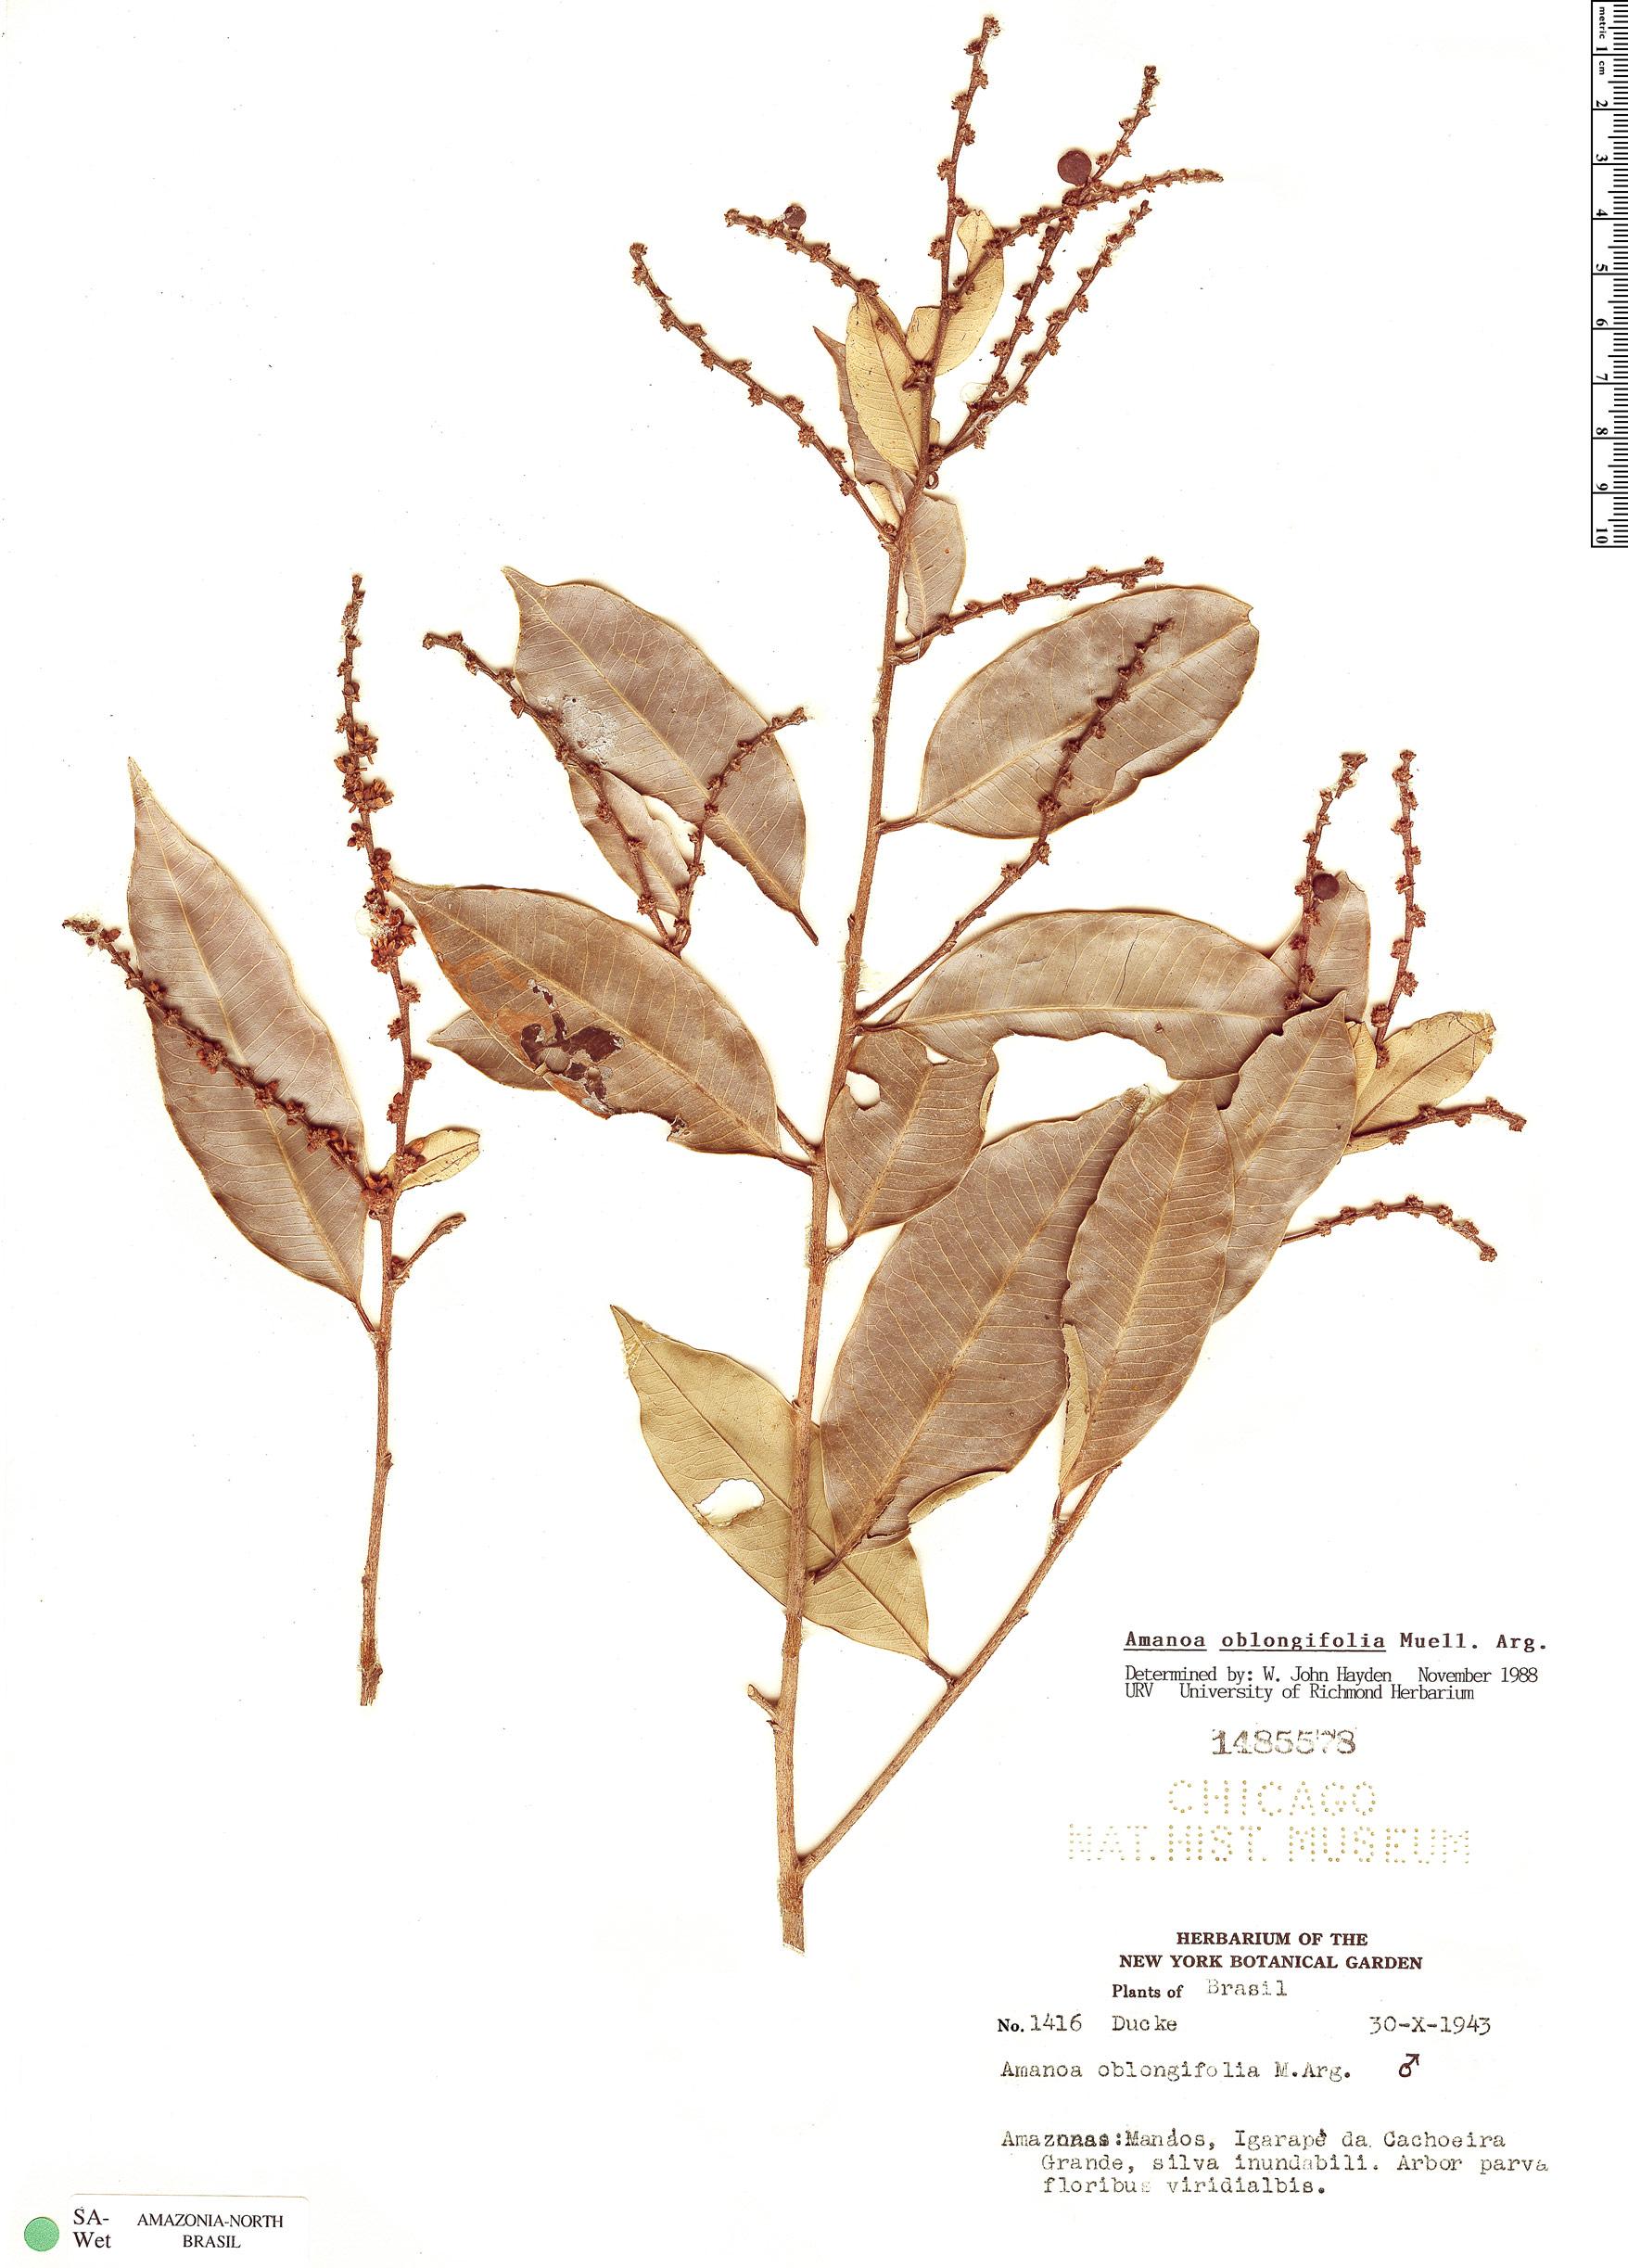 Specimen: Amanoa oblongifolia